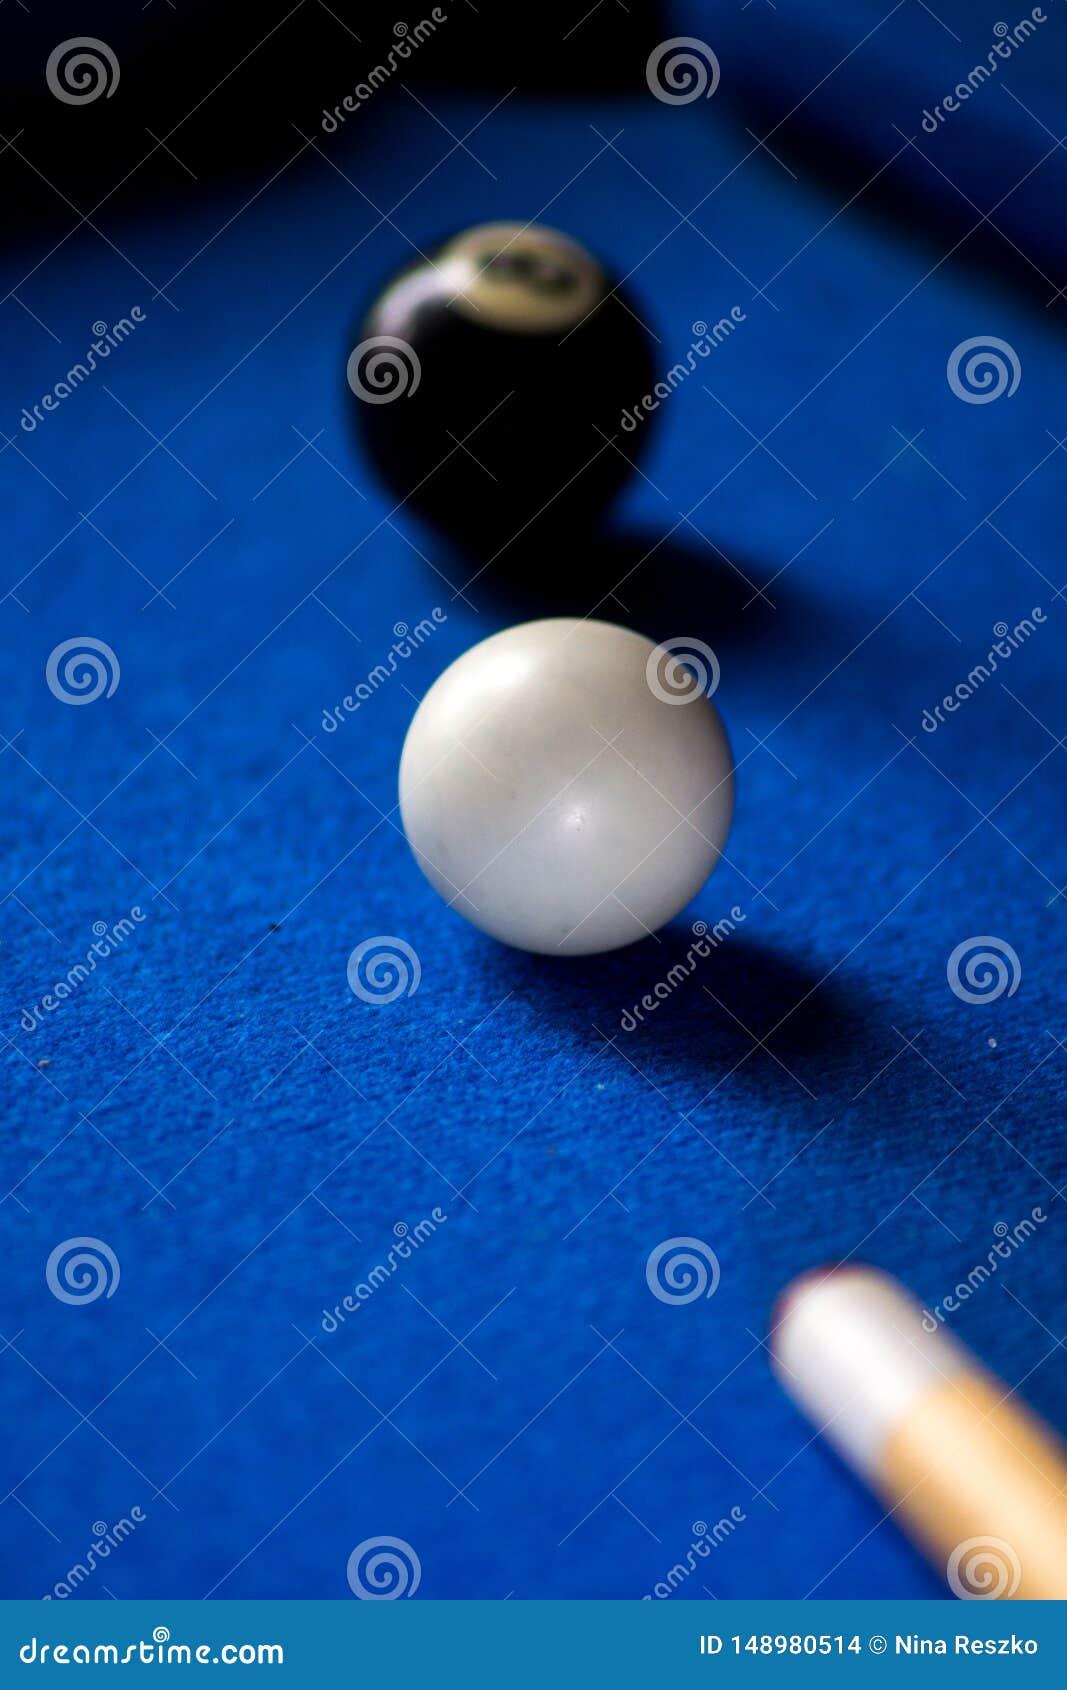 De ballen van het poolbiljart op blauwe het spelreeks van de lijstsport Snooker, Poolspel